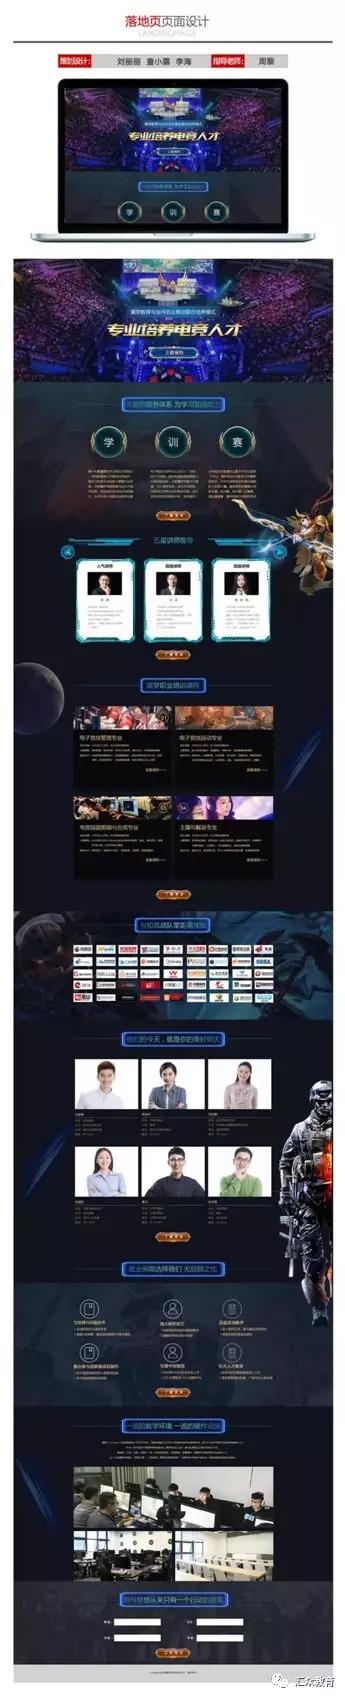 汇众教育合肥原画UI校区中秋节活动:UI 5组作品.jpg